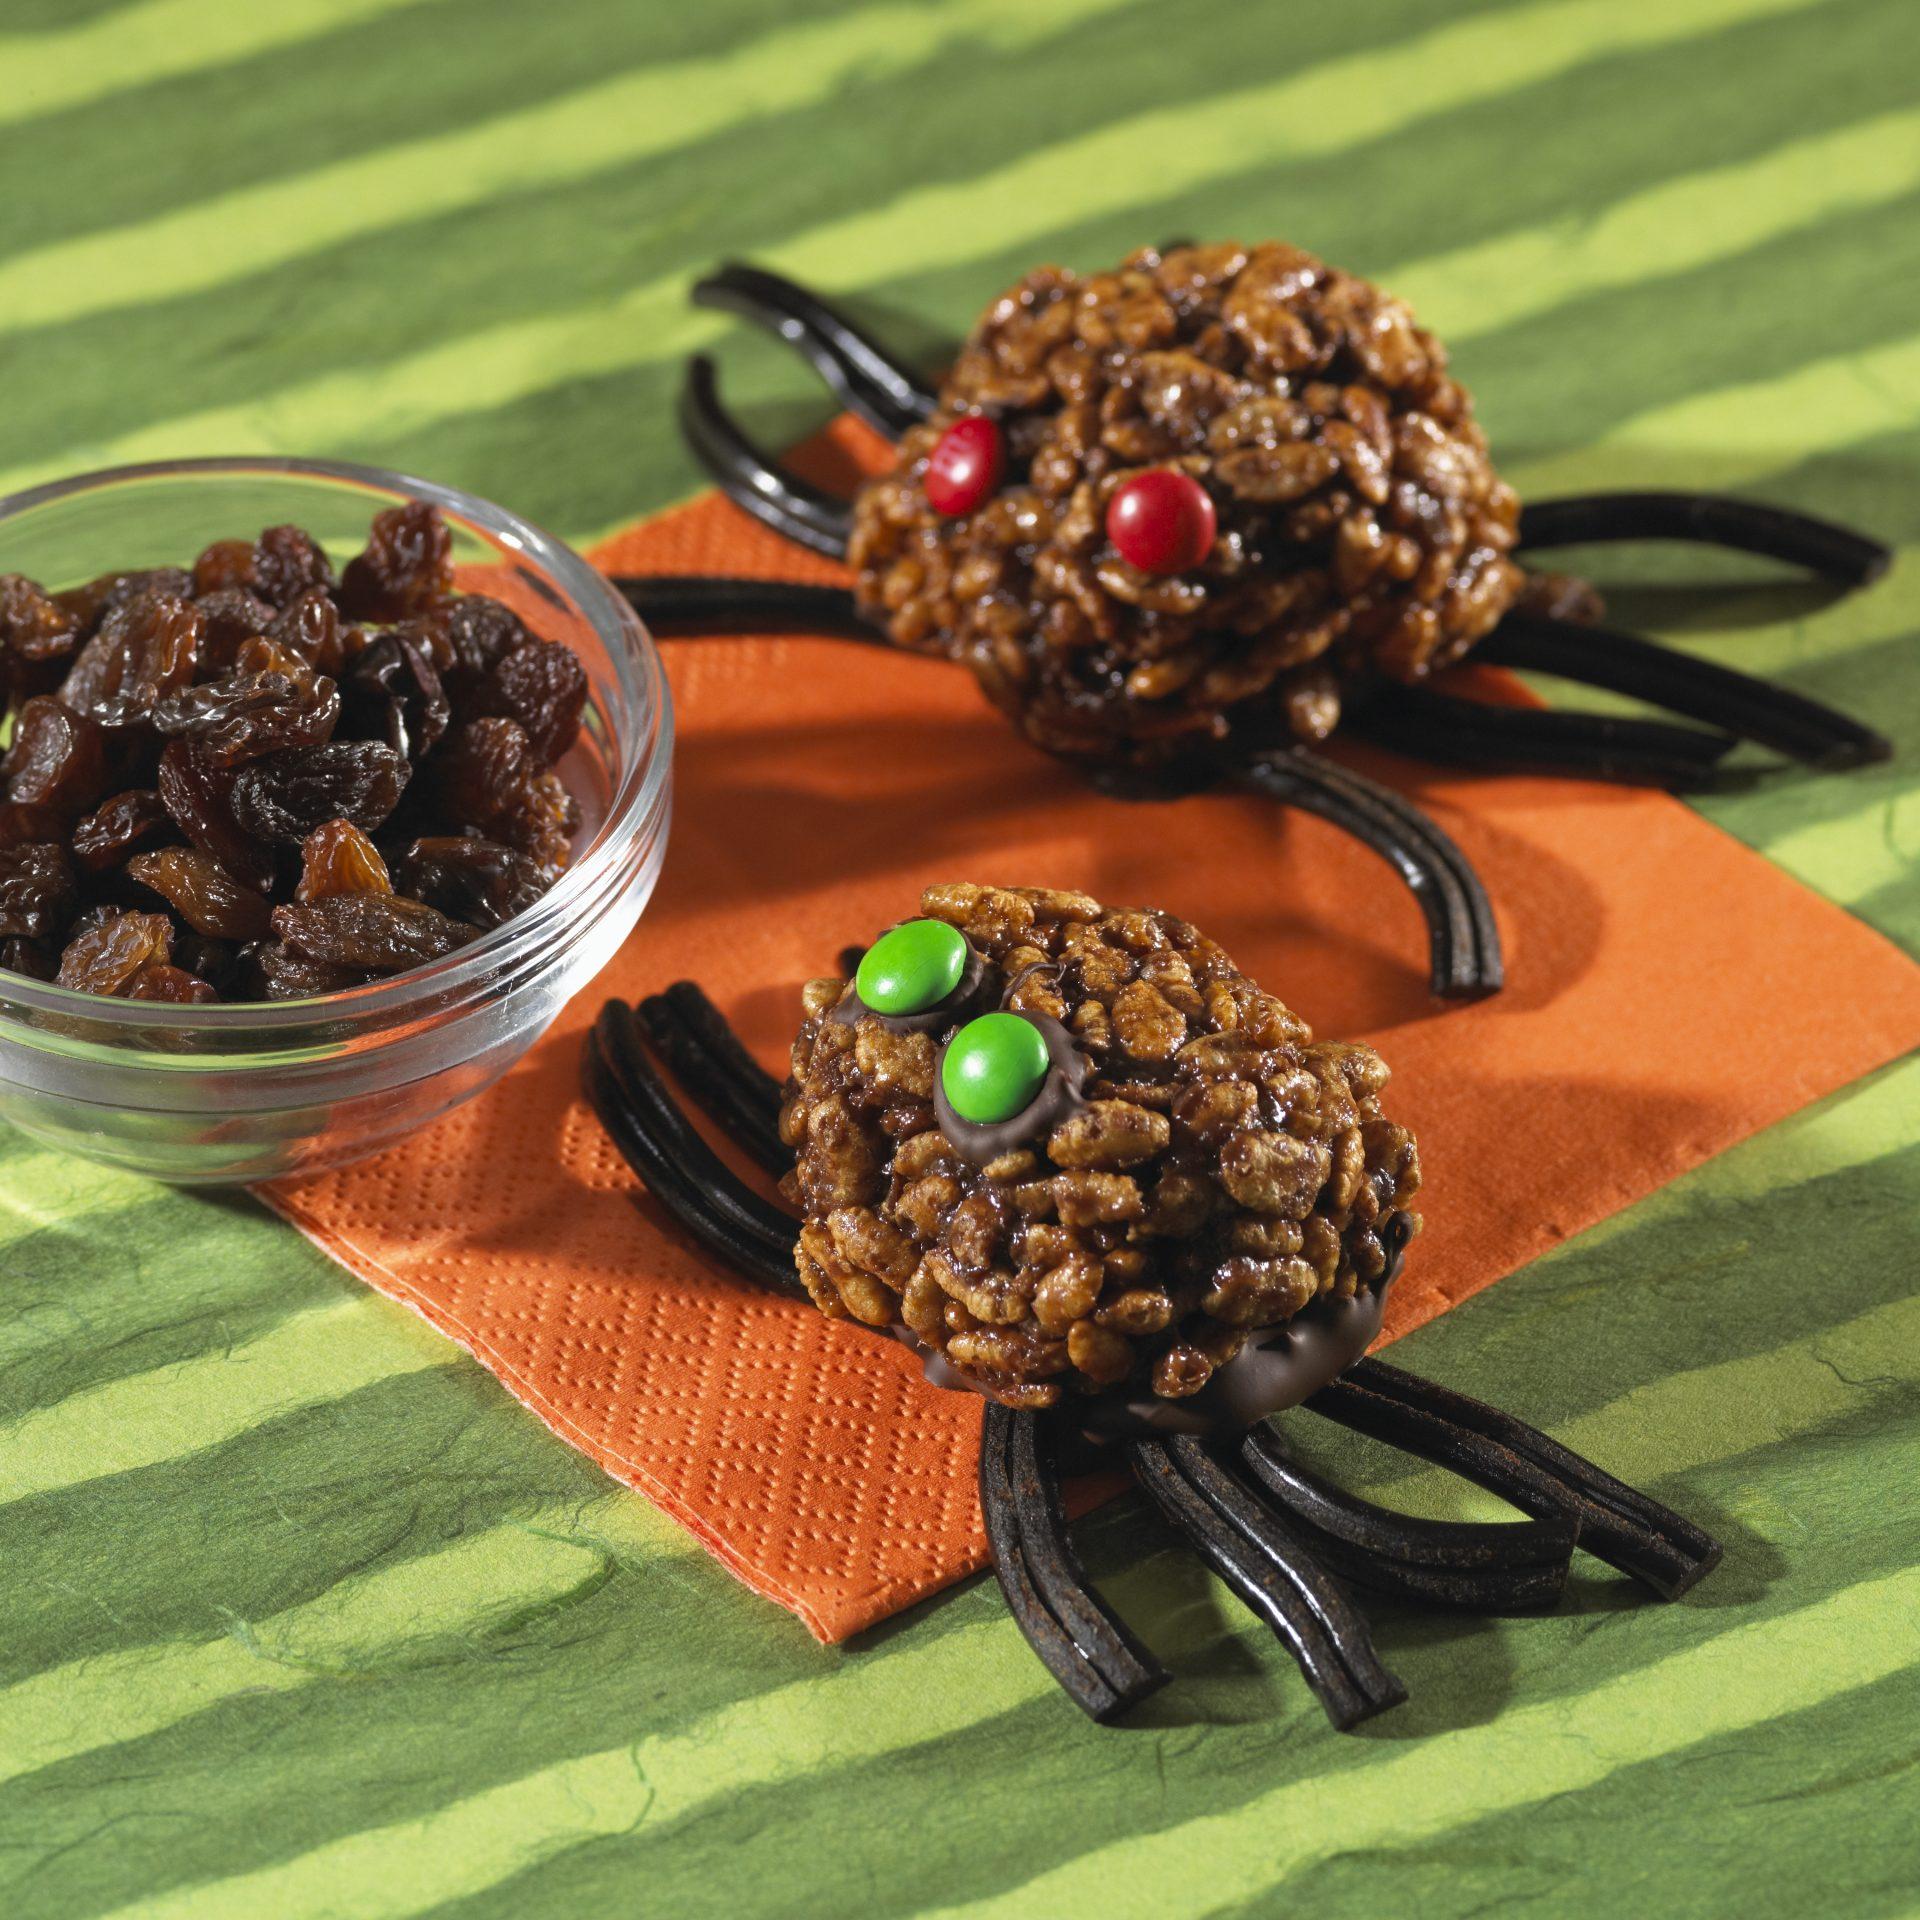 California Raisins Gruseliges Getier zum Vernaschen